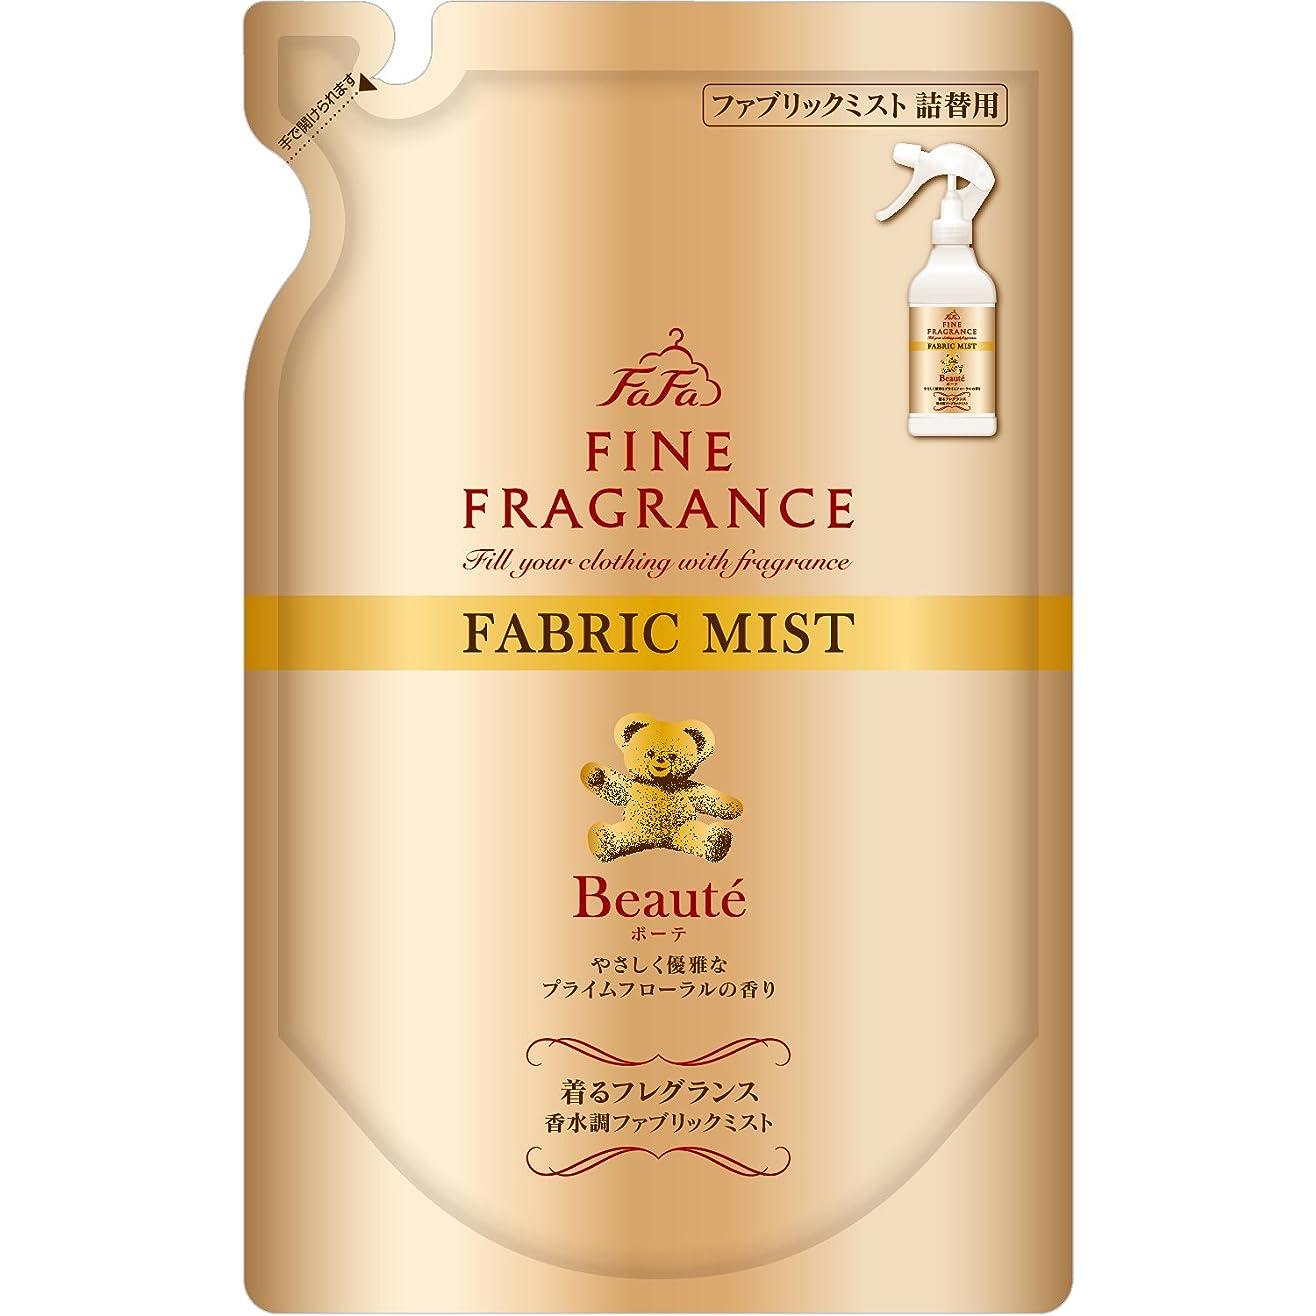 ポスト印象派悲しいことにご覧くださいファーファ ファインフレグランス ファブリックミスト 消臭芳香剤 布用 ボーテ 香水調プライムフローラルの香り 詰替 230ml